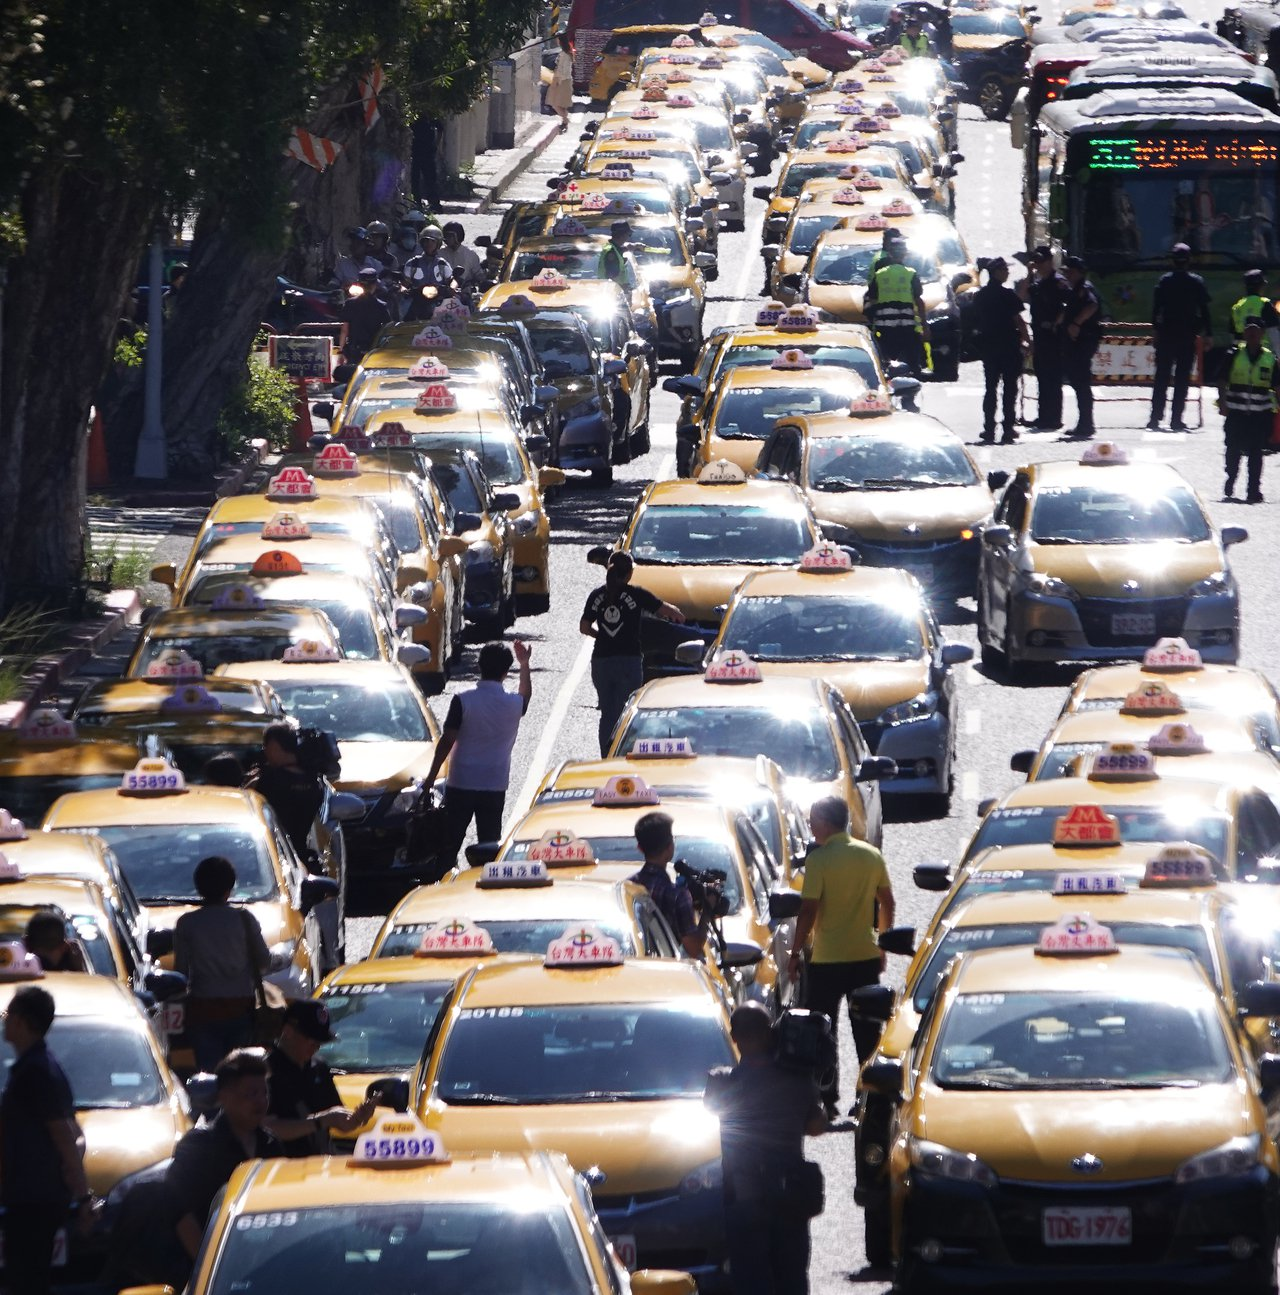 反對Uber非法營業延長效期,日前計程車駕駛以慢行圍繞行政院周邊。本報資料照片